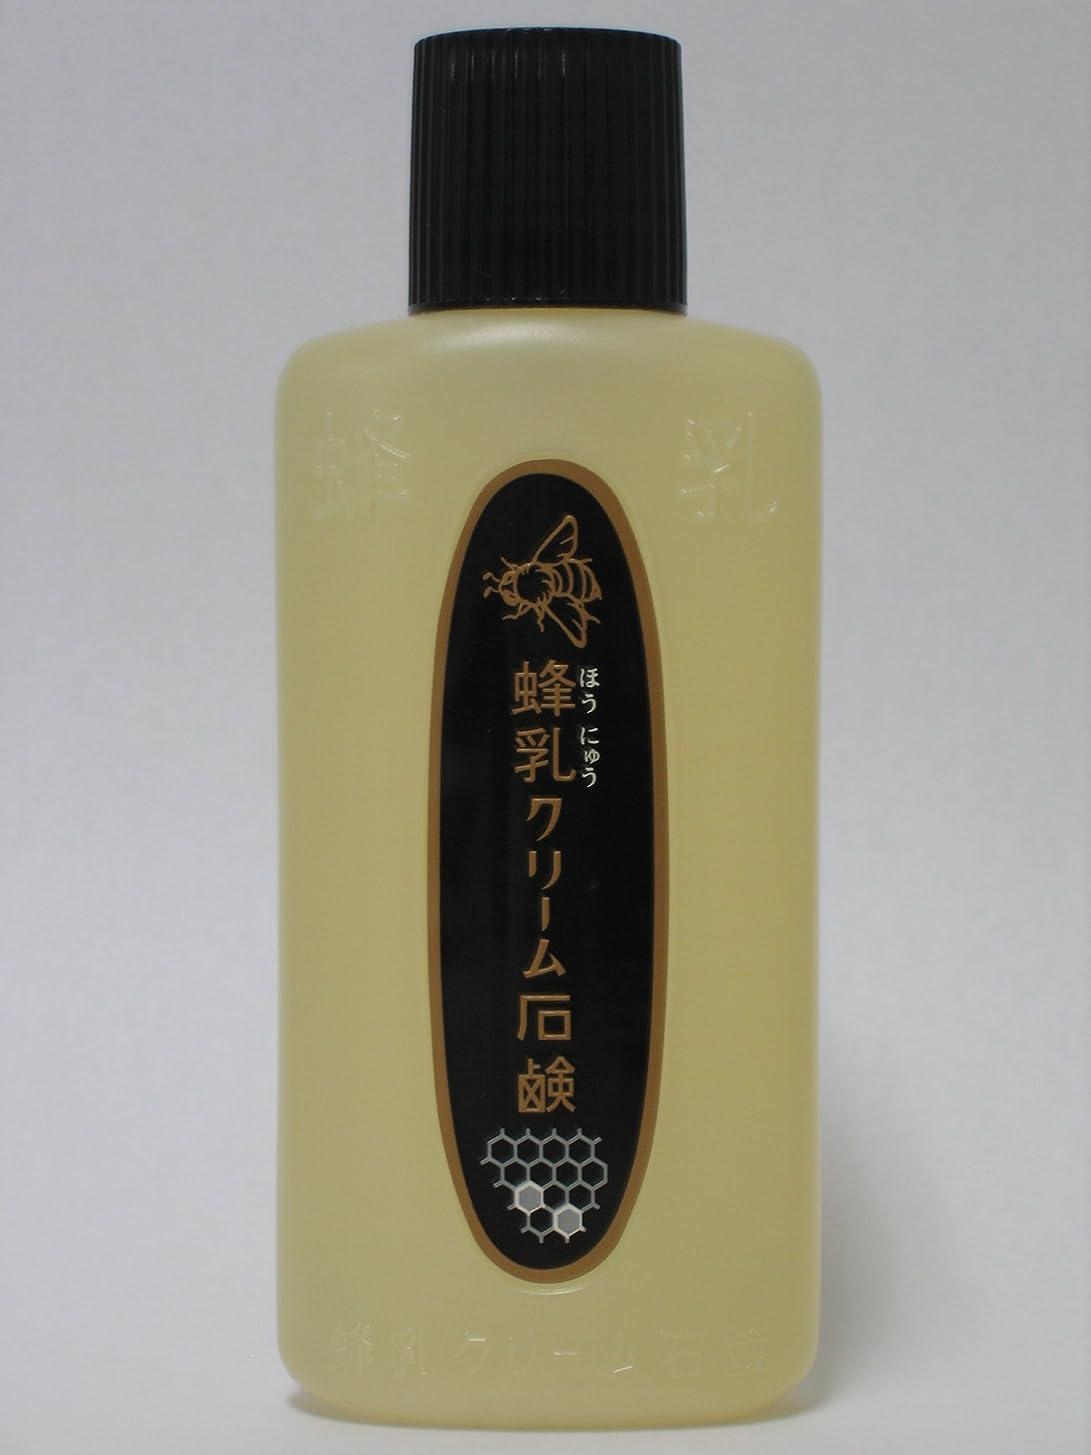 スロット詳細な逃げる蜂乳 クリーム石鹸 180ml